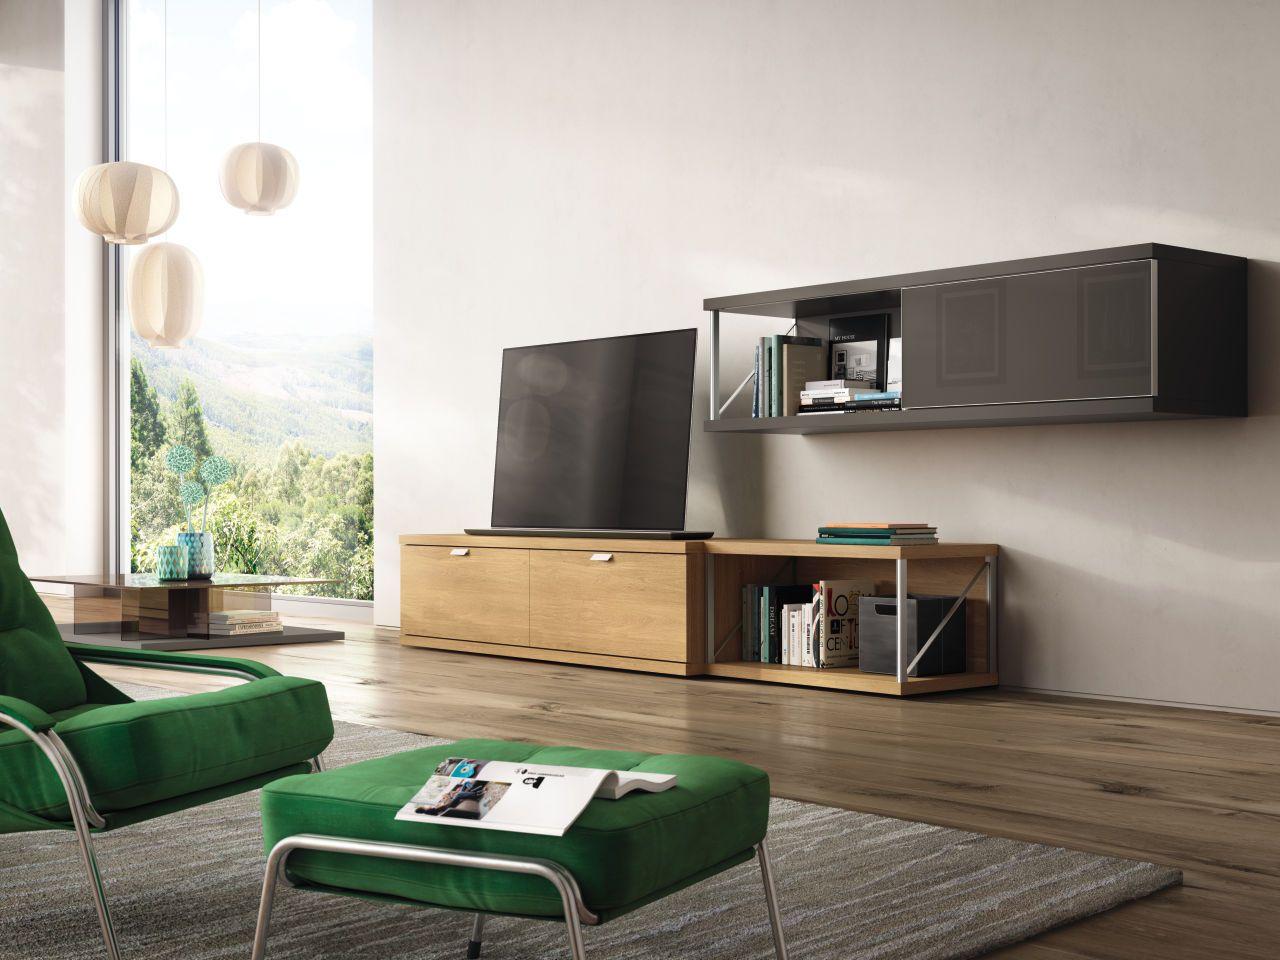 Klare Linien Und Moderner Stil Zeichnen Die Wohnzimmermöbel Der TAMETA  Kollektion Von Hülsta Aus. Clear